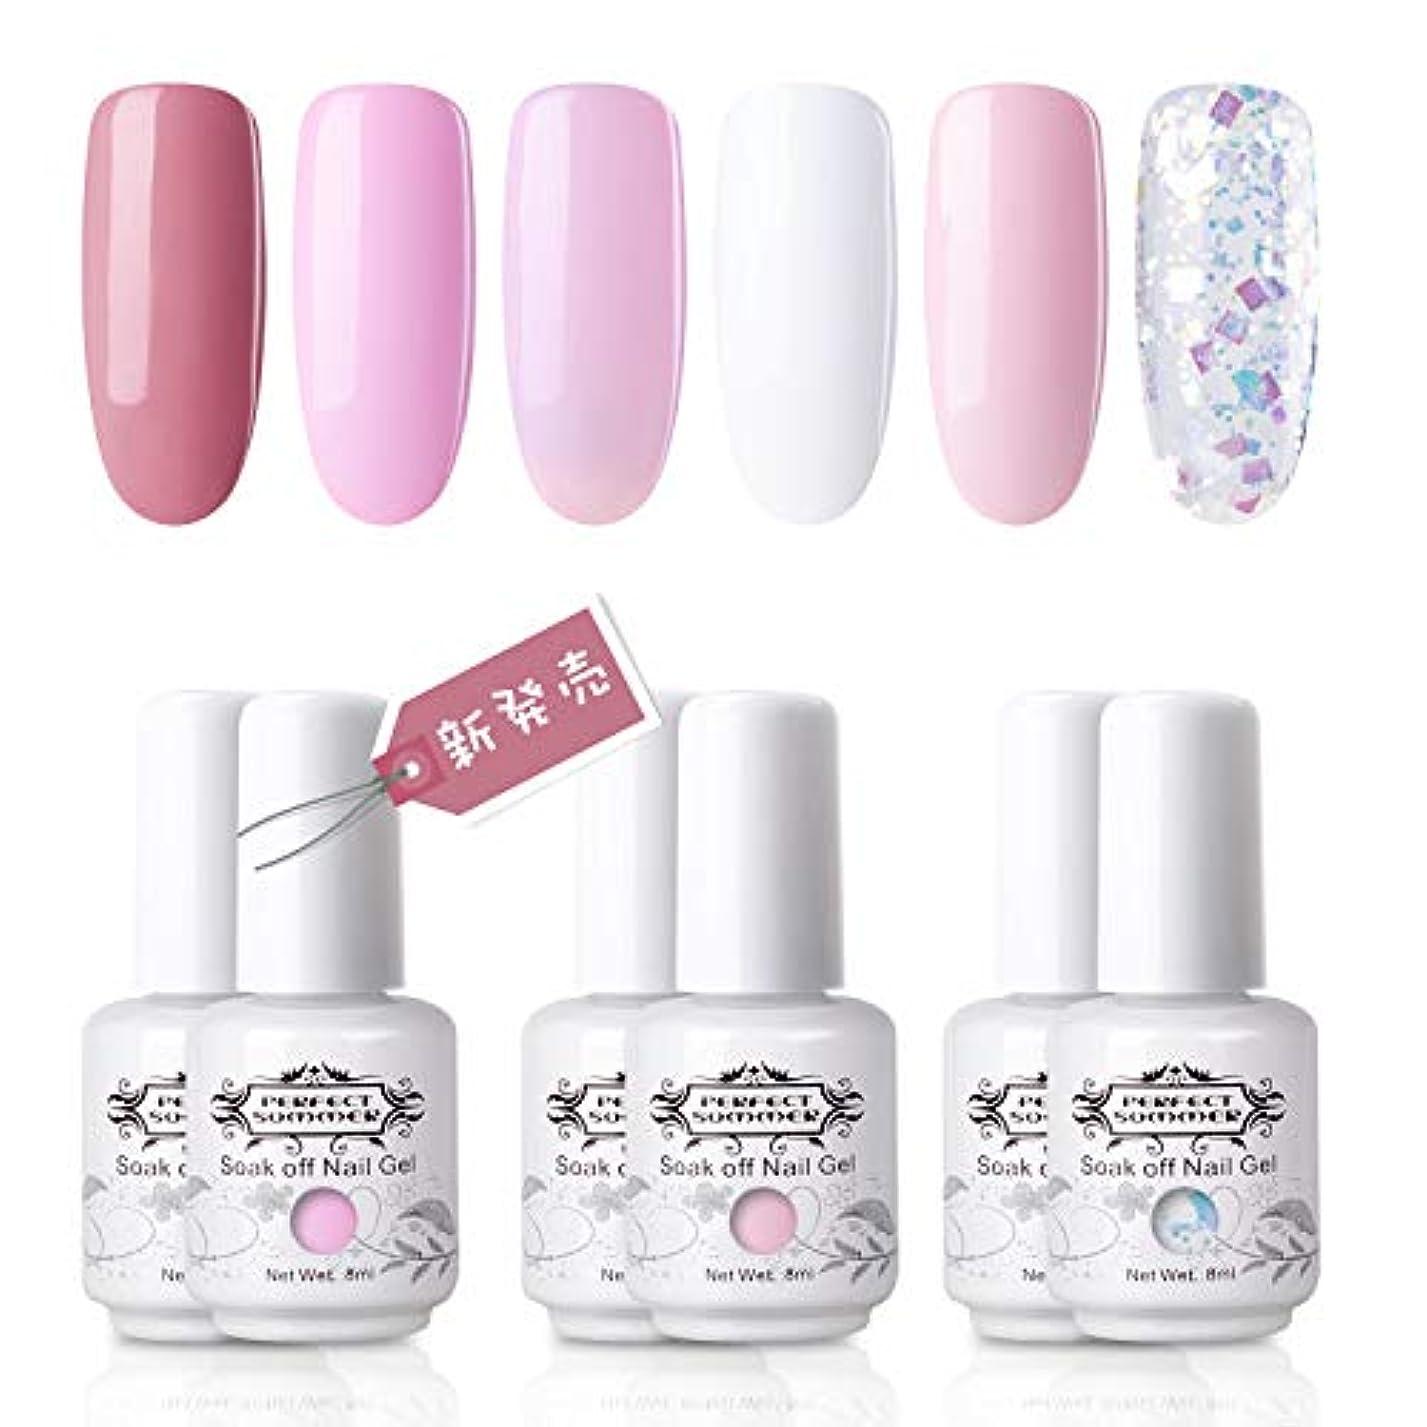 ラジエーターサミュエル確認する[Perfect Summer] ジェルネイル カラージェル 6色セット ポリッシュタイプ 新発売 UV/LED対応 ピンク ラメ